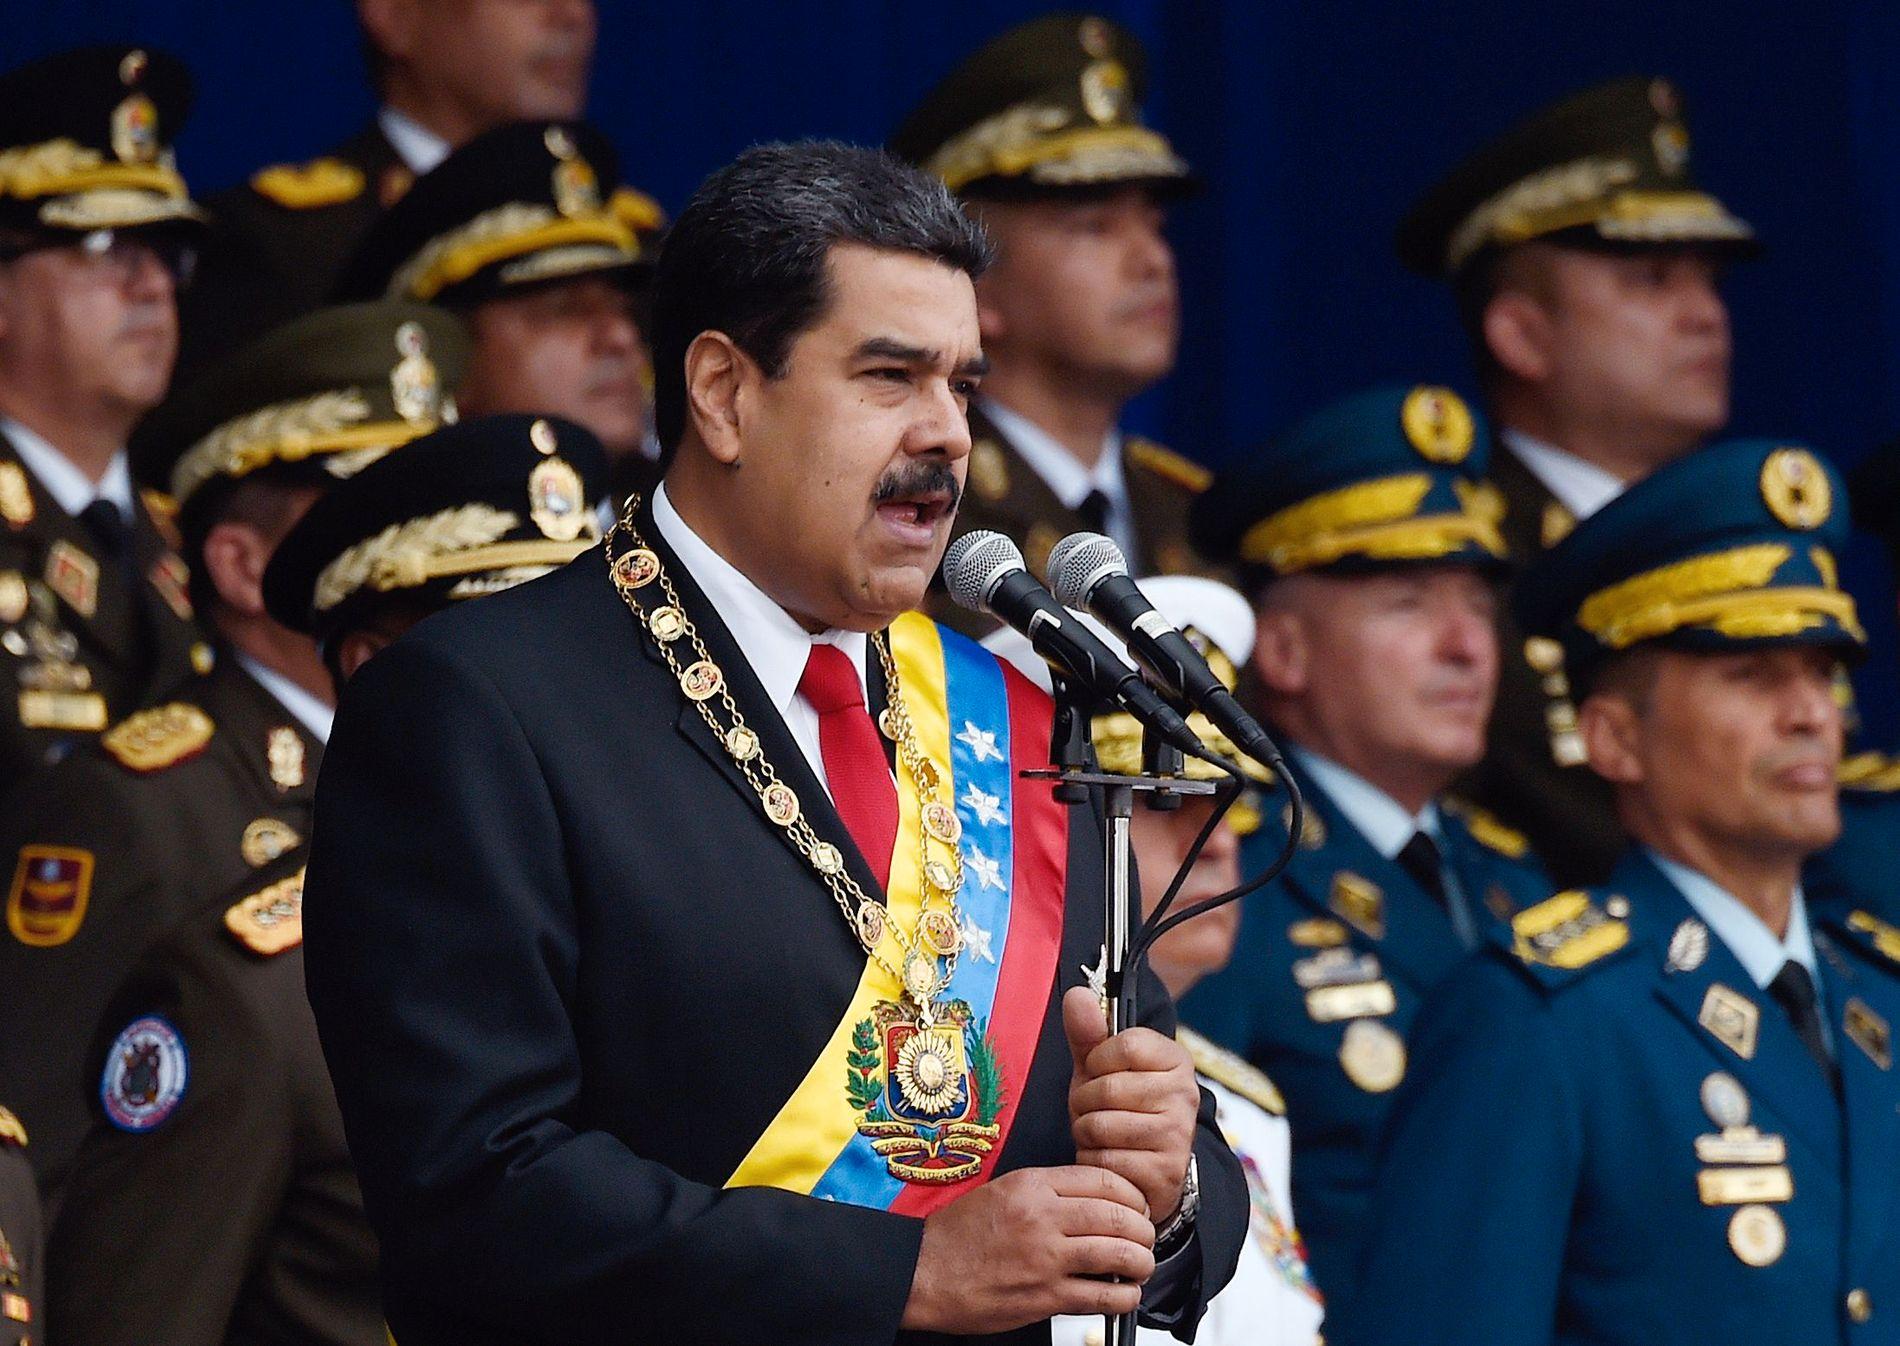 ØNSKES VEKK: Venezuelas president Nicolás Maduro er ikke populær i USA. Det siste året har personer i Trumps administrasjonen skumlet om et statskupp i det Søramerikanske landet.